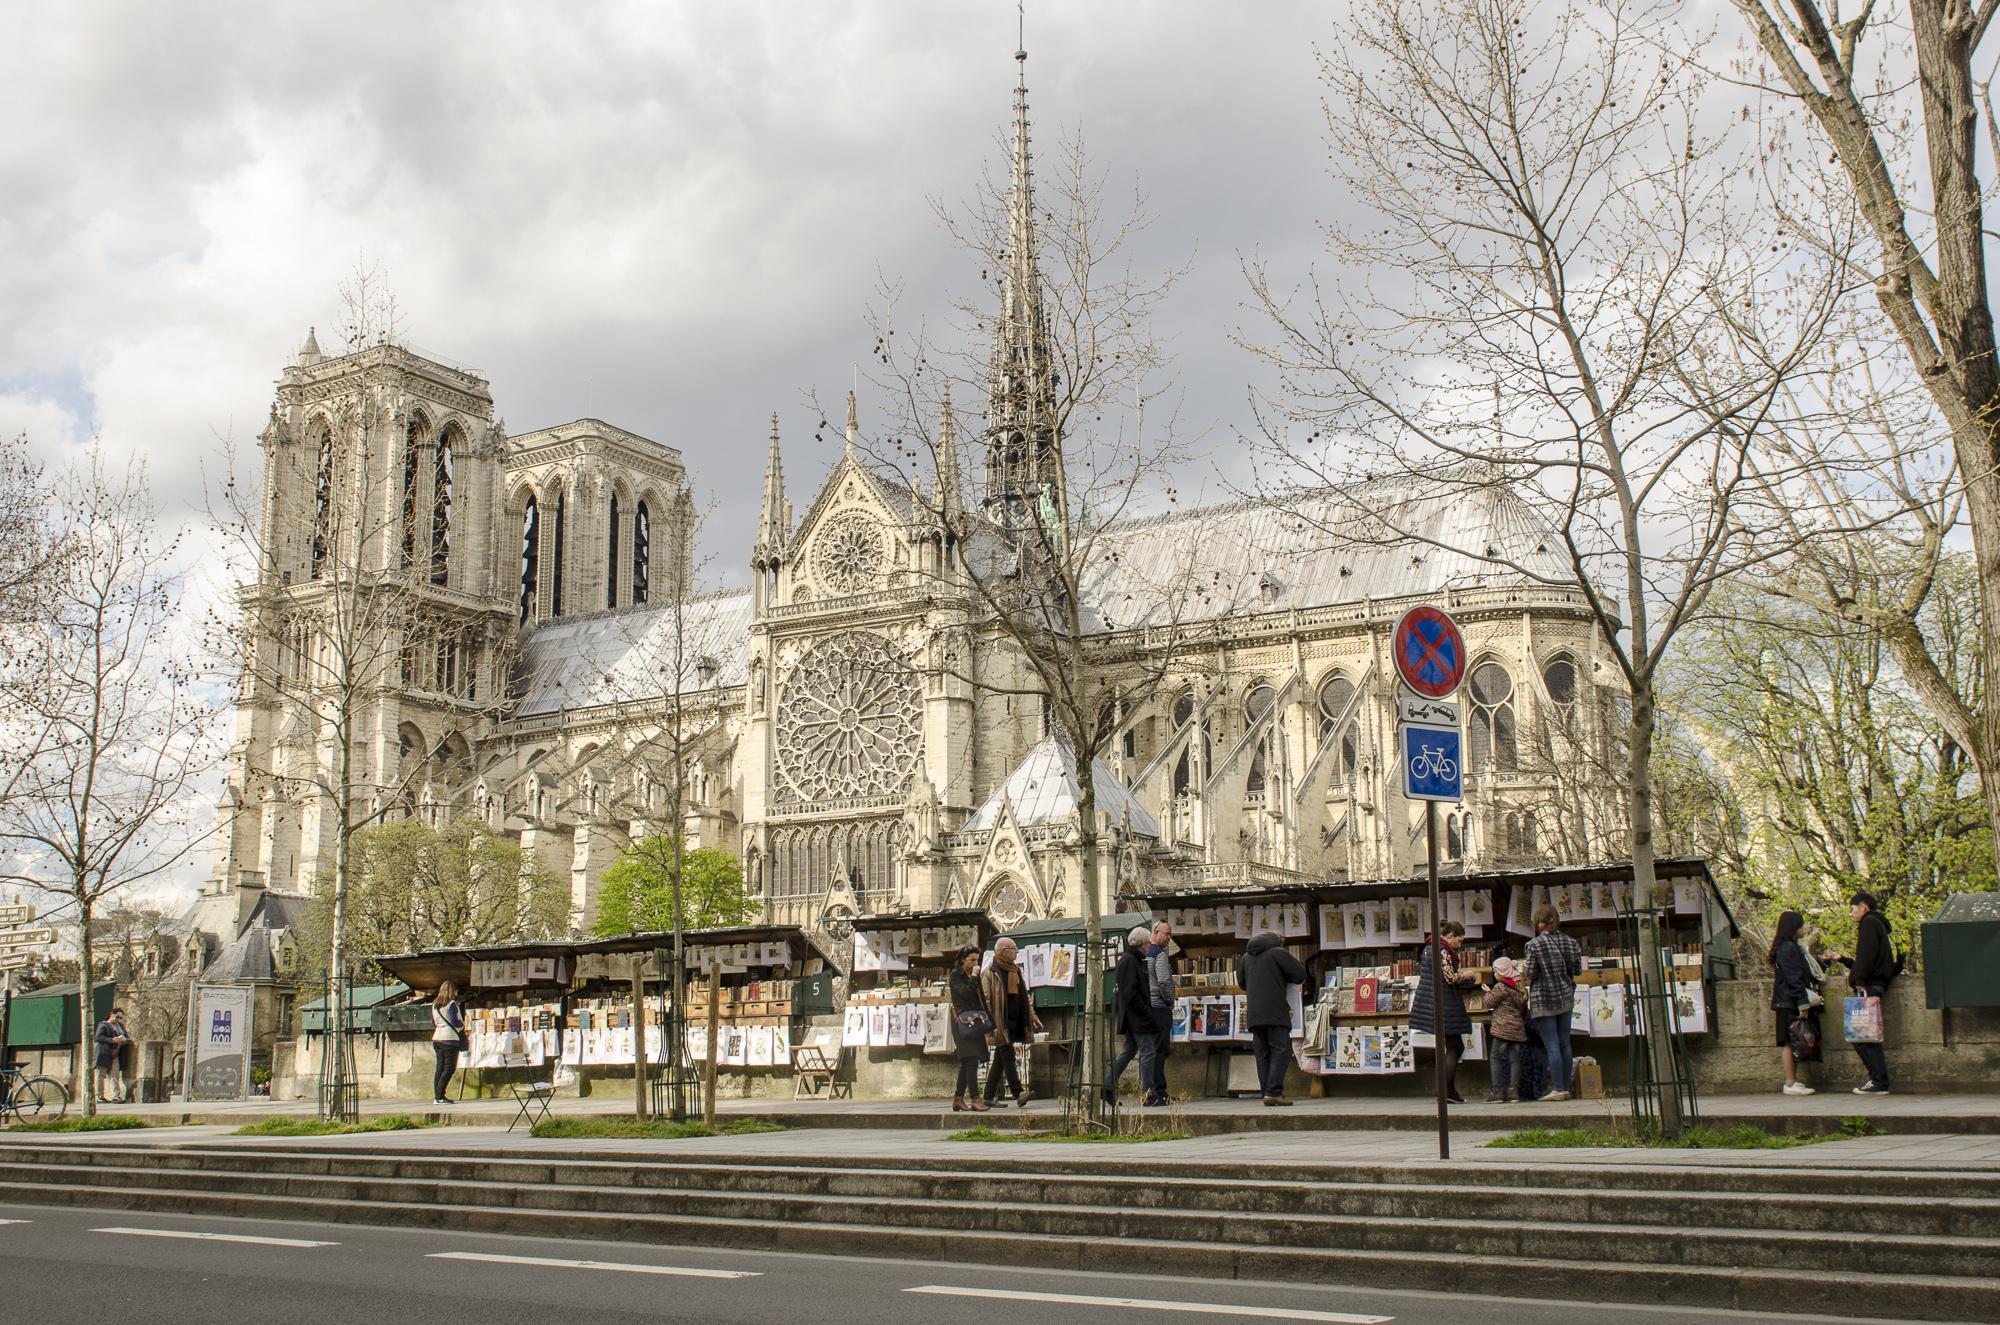 Notre Dame  PHOTOGRAPHY: ALEXANDER J.E. BRADLEY • NIKON D500 • AF-S NIKKOR 24-70MM Ƒ/2.8G ED @ 26MM • Ƒ/9 • 1/125 • ISO 100